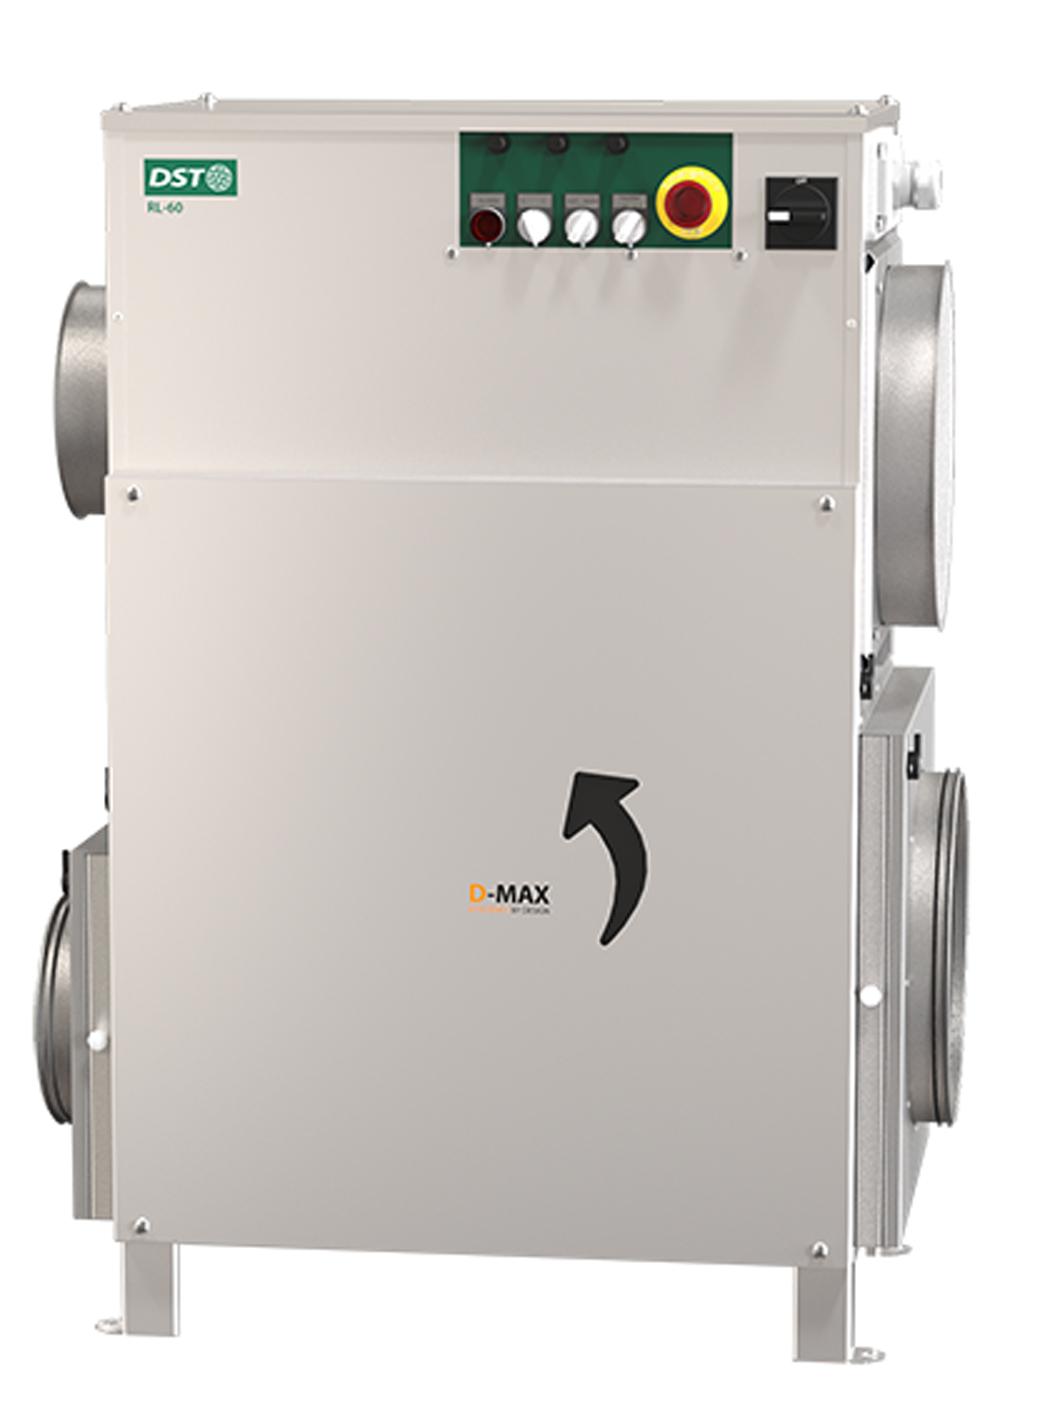 <p>RECUSORB RL-60R/LR</p> - Industrial and comercial refrigeración equipment